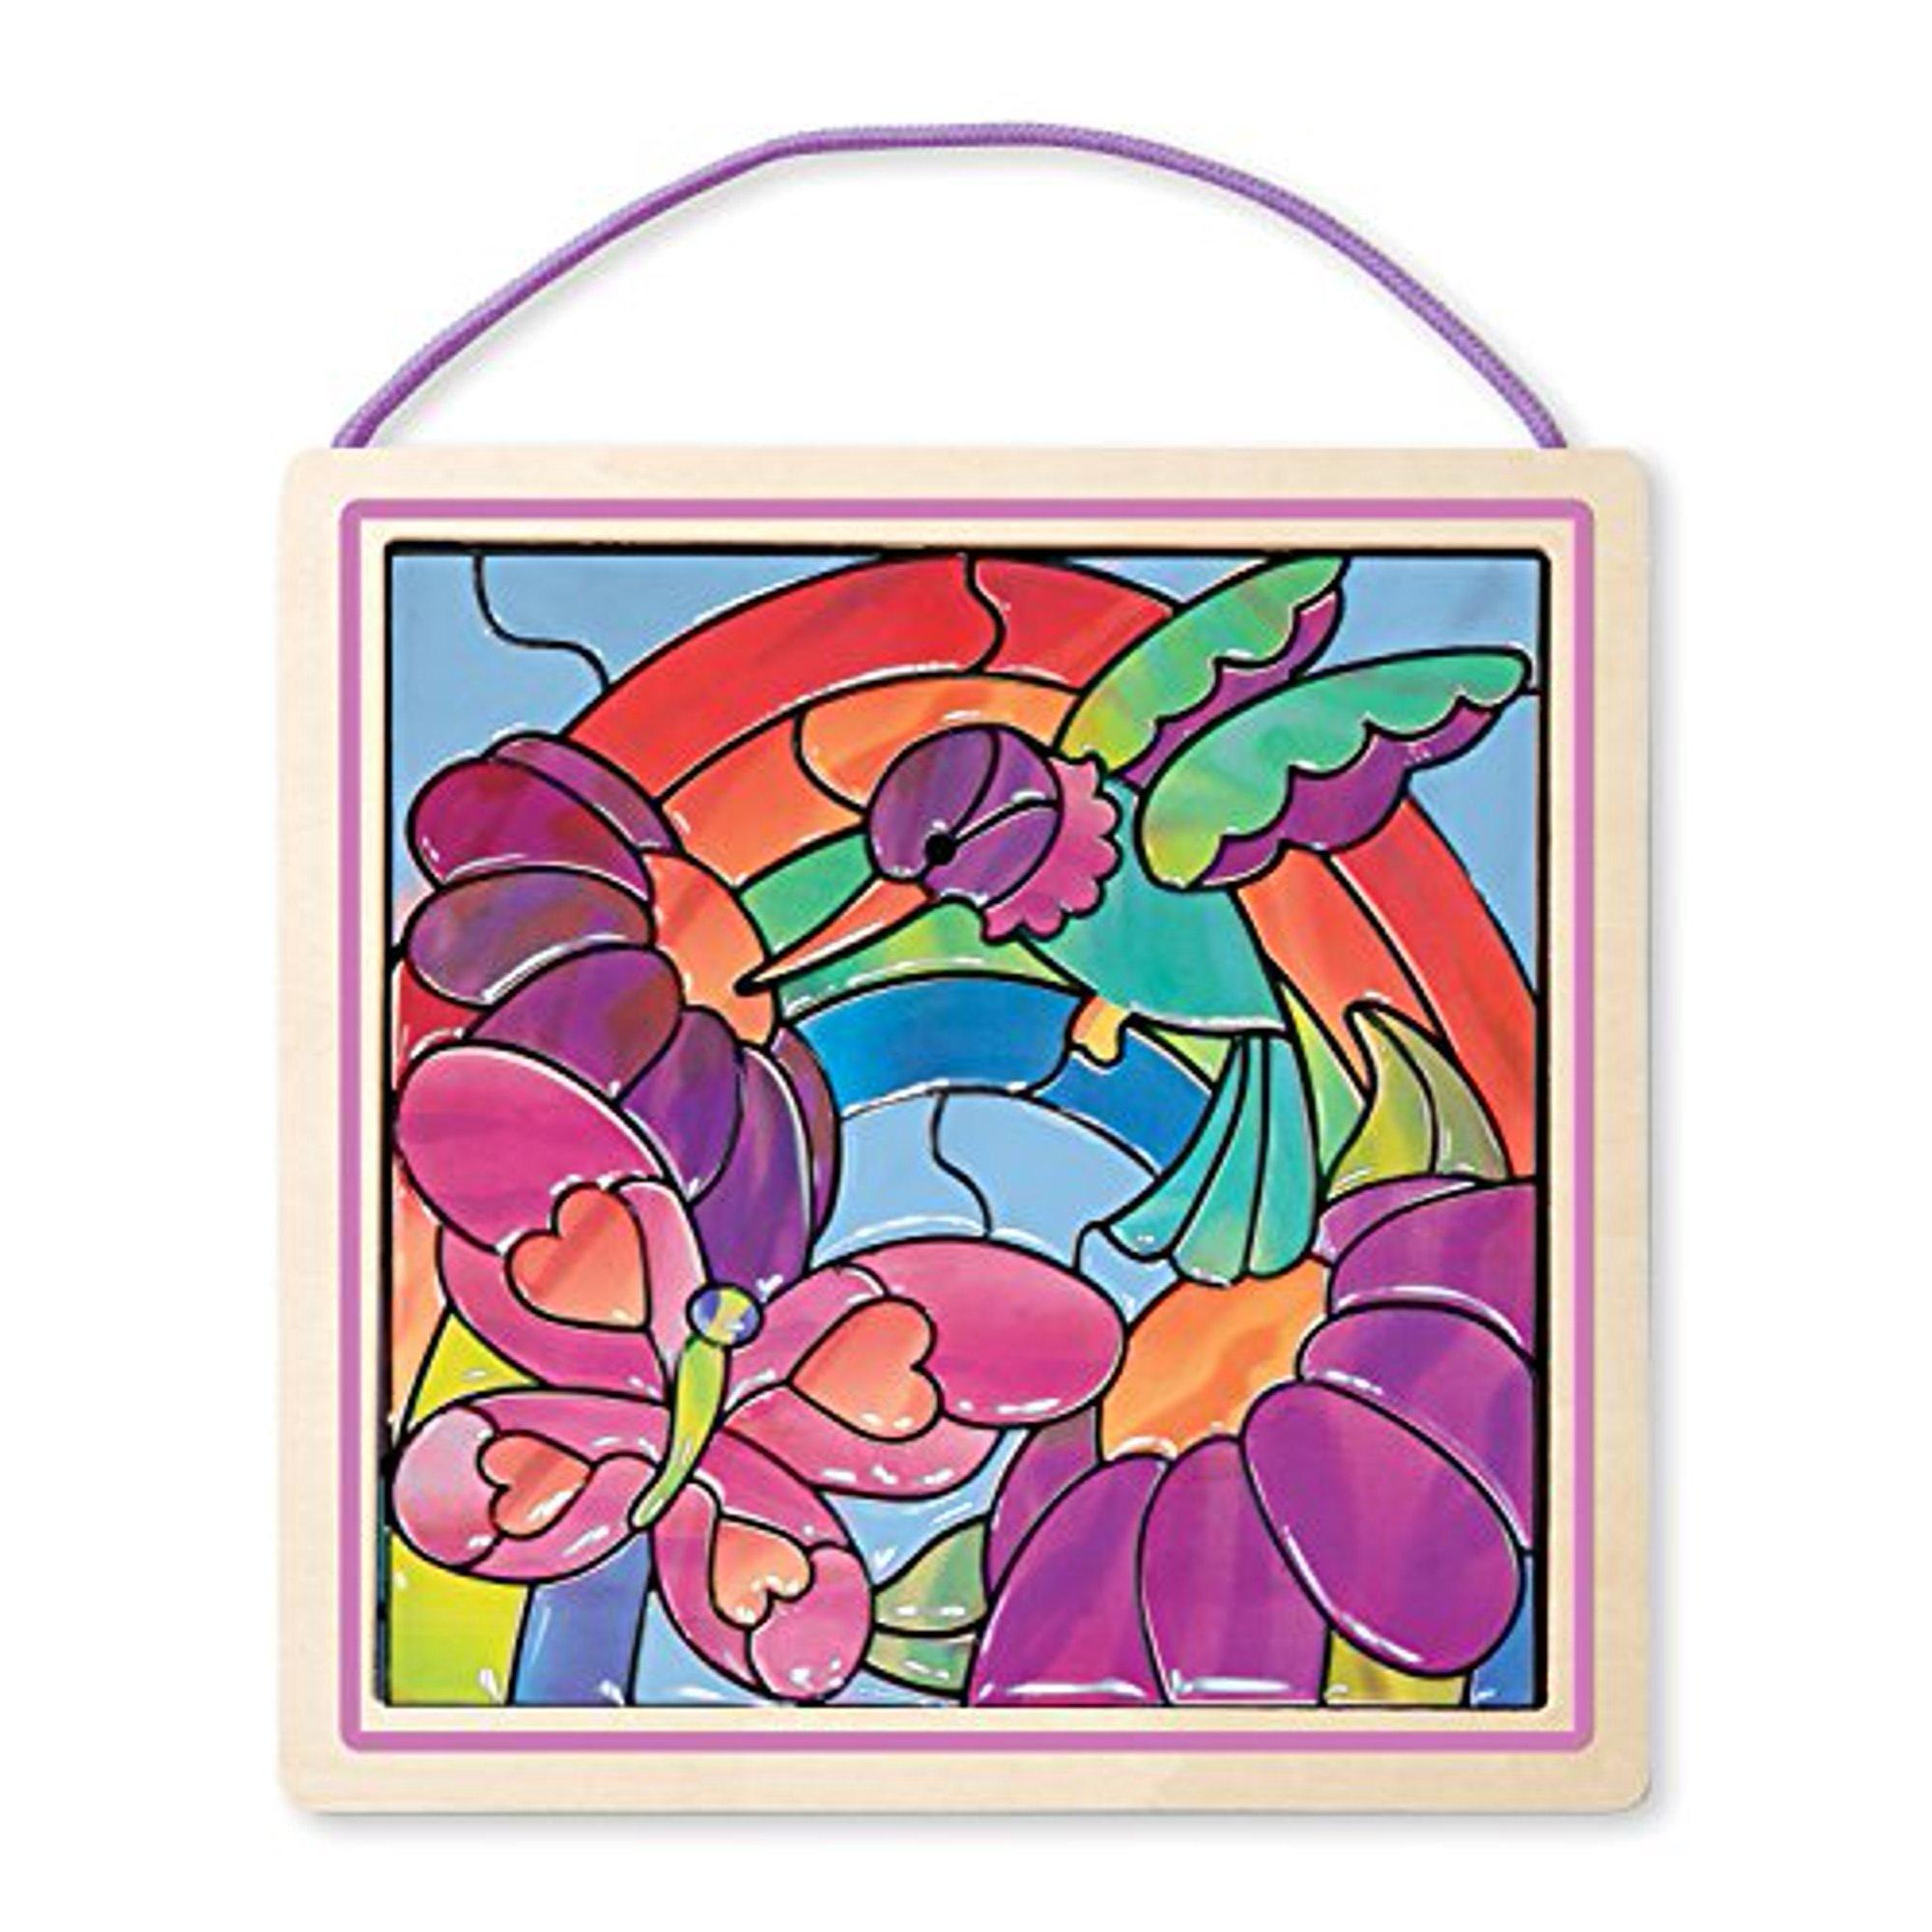 Melissa & Doug 14264, Glasschilderen Regenboog